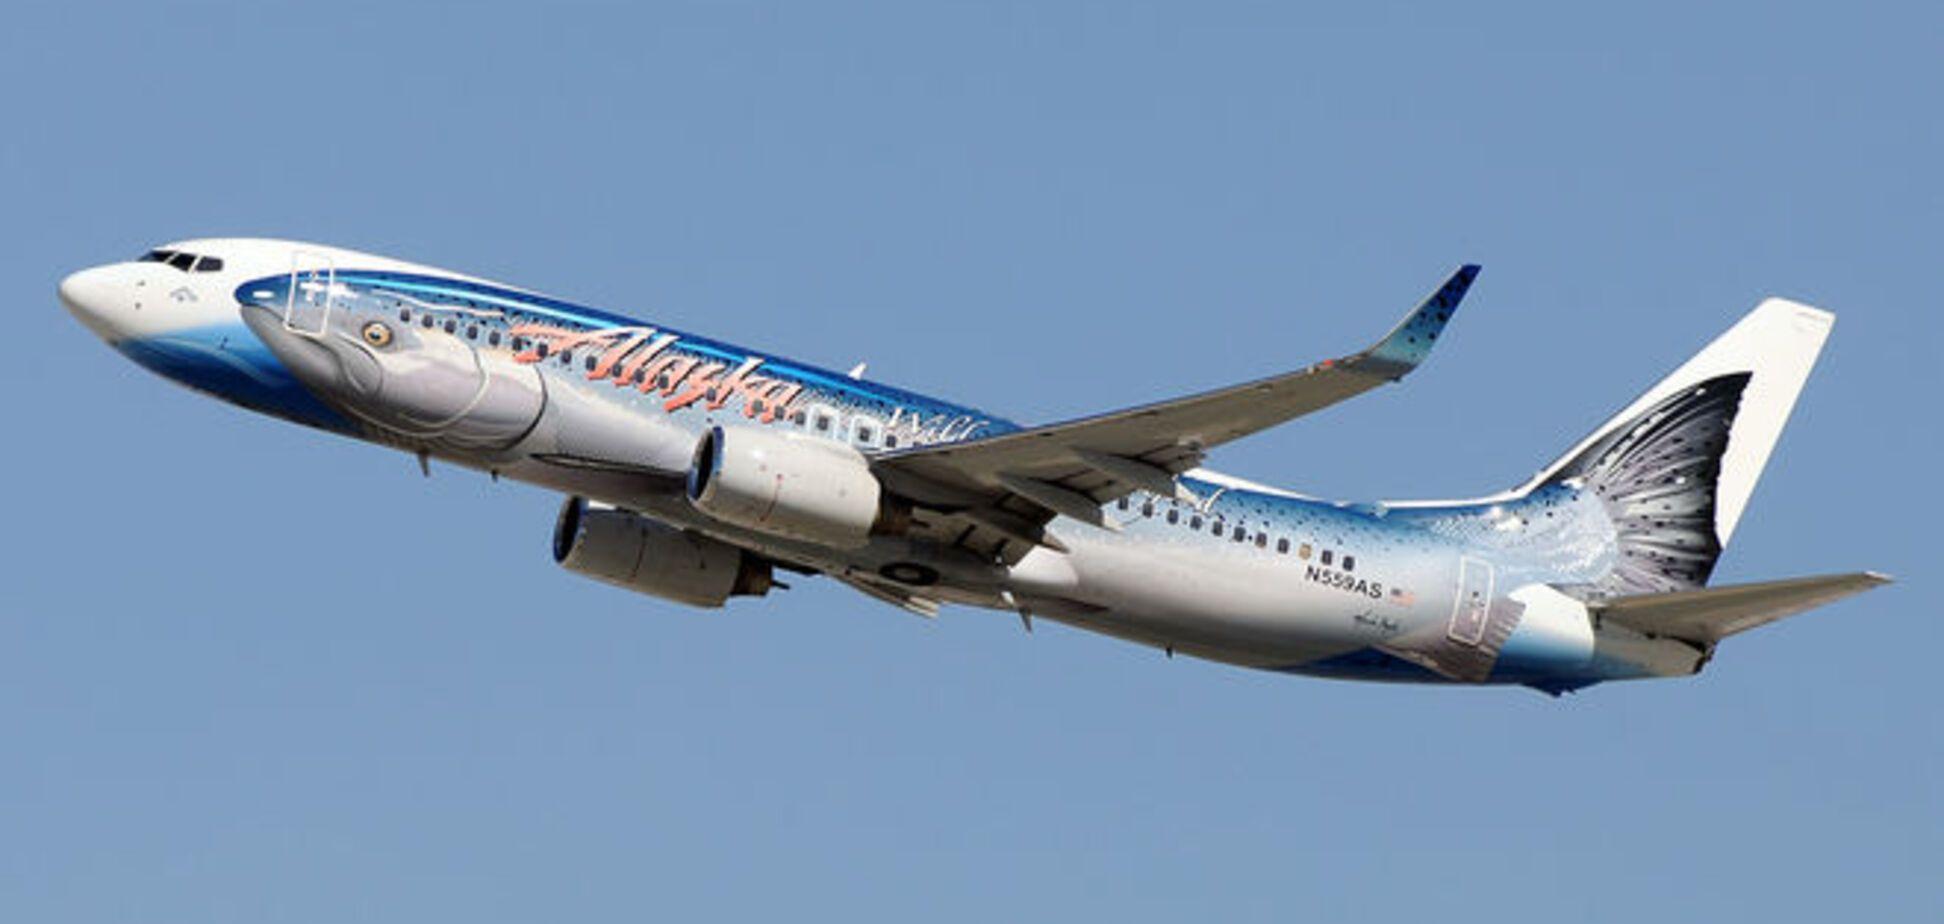 Самолет США совершил экстренную посадку из-за живого груза в багажном отсеке